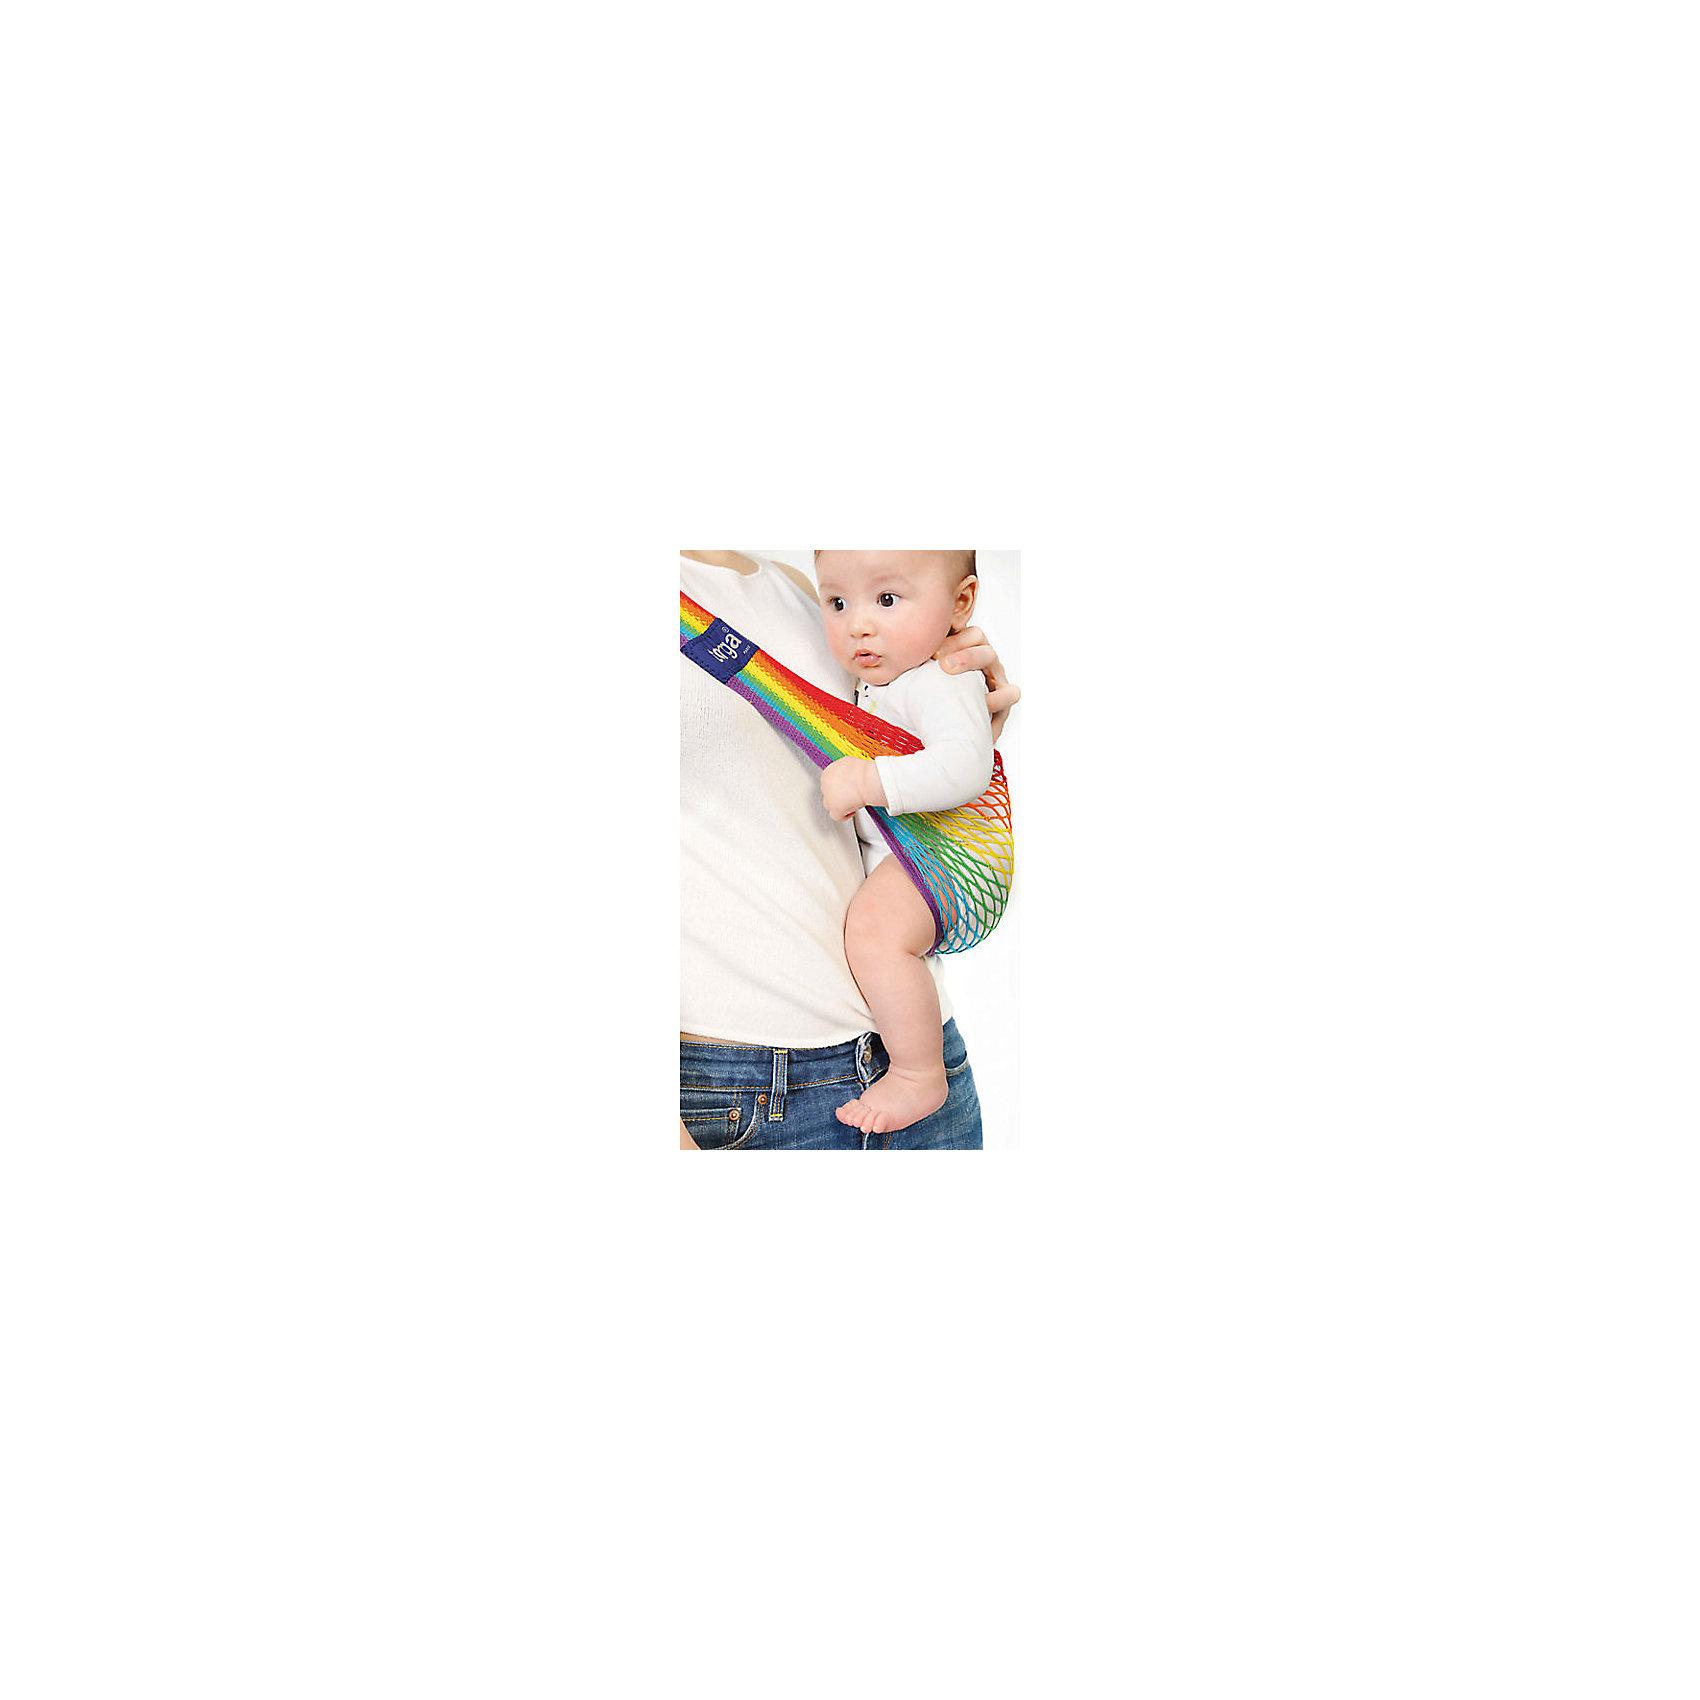 Слинг на бедро, Тонга, Filt, rainbow/радугаСлинги и рюкзаки-переноски<br>Характеристики:<br><br>• разработан совместно с врачами-ортопедами;<br>• обеспечивает оптимальную поддержку ребенка;<br>• легко надевается;<br>• основное положение: на бедре;<br>• подходит для автоматической стирки при температуре 30 градусов;<br>• регулируемая длина;<br>• цвет: радуга;<br>• материал: хлопок;<br>• возраст ребенка: 6 месяцев-2 года (до 15 кг);<br>• размер слинга: 70х12х15 см;<br>• размер упаковки: 24х12х2 см;<br>• вес: 140 грамм;<br>• страна бренда: Франция.<br><br>Слинг Тонга отлично подойдет для активных мам. Уникальное переплетение из натурального хлопка позволит вам комфортно передвигаться с малышом в любое время года. Слинг окрашен устойчивыми нетоксичными красителями в соответствии с нормами OEKO-TEX. Сетчатое плетение обеспечивает необходимую упругость, а хлопок гарантирует приятную мягкость для ребенка.<br><br>Размер слинга можно регулировать для удобства родителя. Лишнюю часть полотна можно намотать на большую пряжку. Пряжку следует располагать под ключицей или на спине, чтобы избежать неприятного давления на плечо. Центральная часть сделана более широкой для правильного расположения ребенка. Ножки крохи будут разведены в форме  «лягушки», что особенно важно для развития тазобедренных суставов.<br><br>Набедренный слинг подходит для совместного купания  с ребенком. После использования он быстро высыхает, сохраняя прежнюю форму. В сложенном виде Тонга очень компактен, благодаря чему вы всегда сможете  взять его с собой в путешествие или поездку.<br><br>Слинг Тонга подходит для малышей с 5-6-и месяцев до 1,5-2-х лет, весом до 15-и килограммов. Важно, чтобы ребенок умел самостоятельно держать голову и спинку. Размер слинга в разложенном виде: 70х12х15 сантиметров.<br><br>Слинг на бедро, Тонга, Filt (Филт), rainbow/радуга можно купить в нашем интернет-магазине.<br><br>Ширина мм: 800<br>Глубина мм: 800<br>Высота мм: 50<br>Вес г: 500<br>Возраст от месяцев: 0<br>Возраст до меся